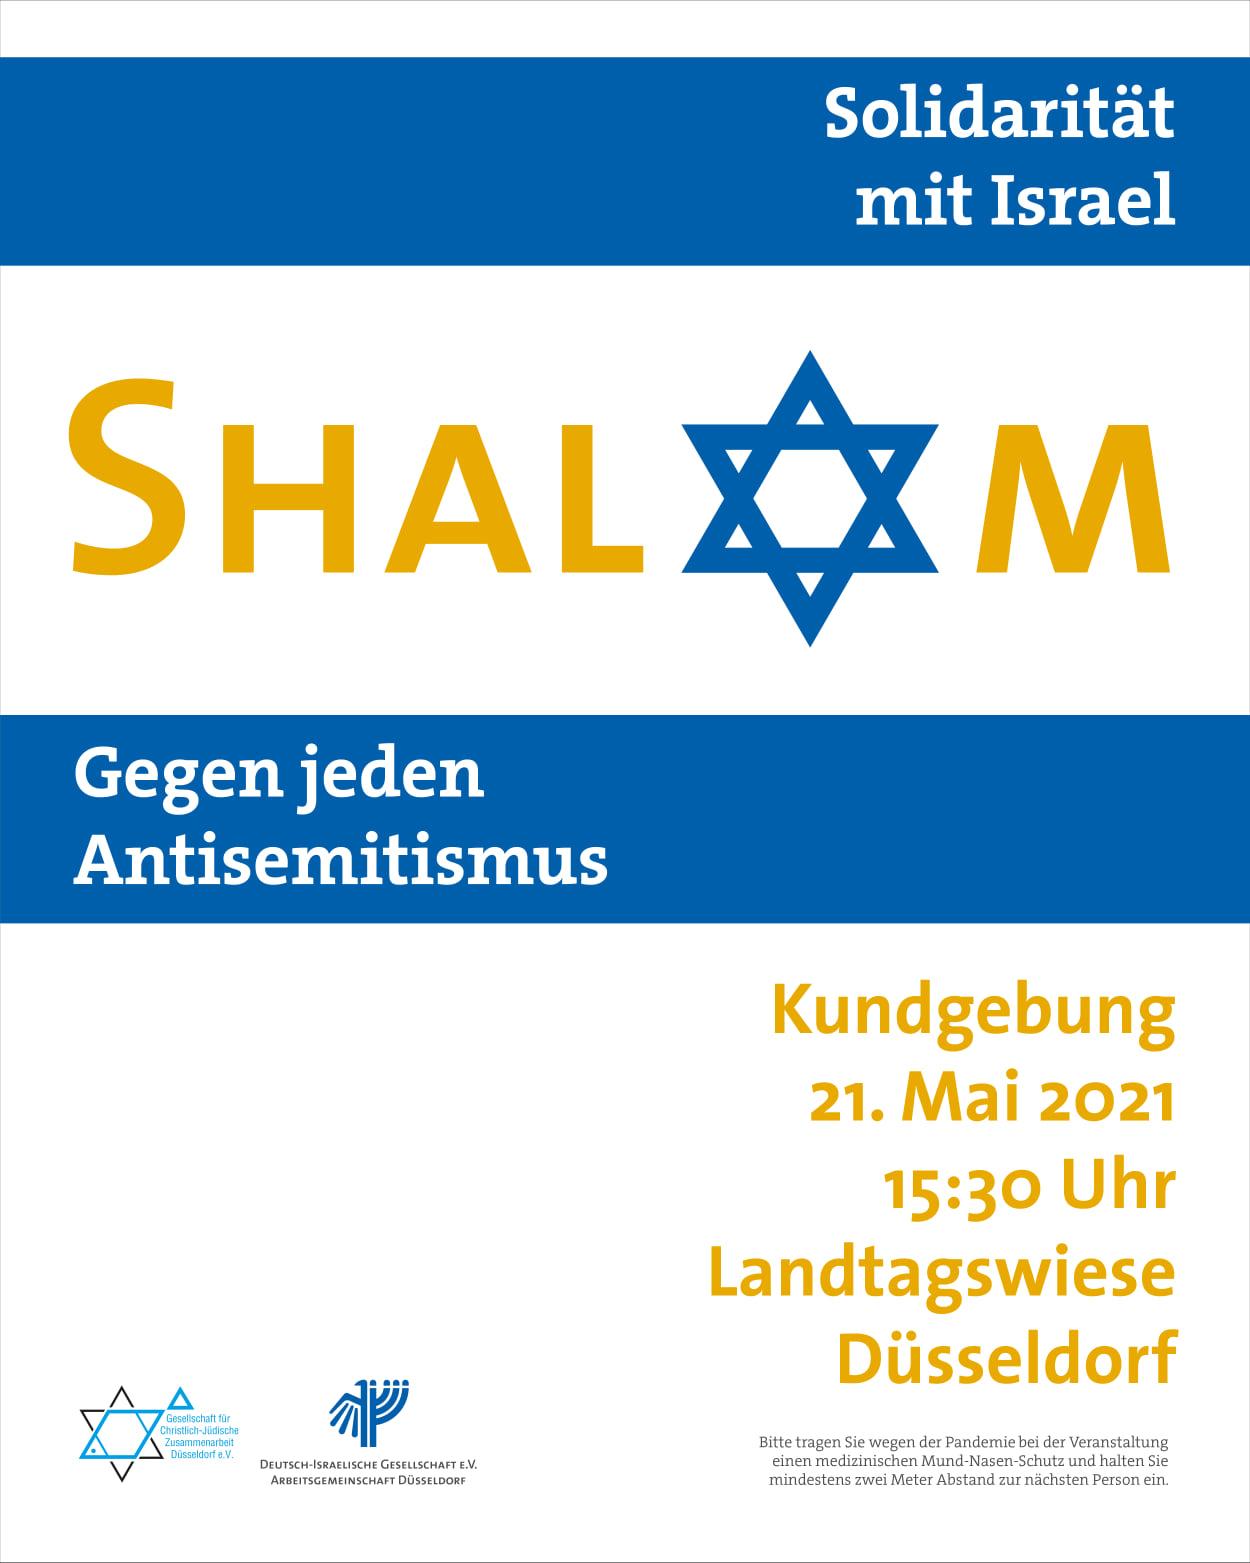 Solidarität mit Israel: Demonstration in Düsseldorf am 21. Mai 2021